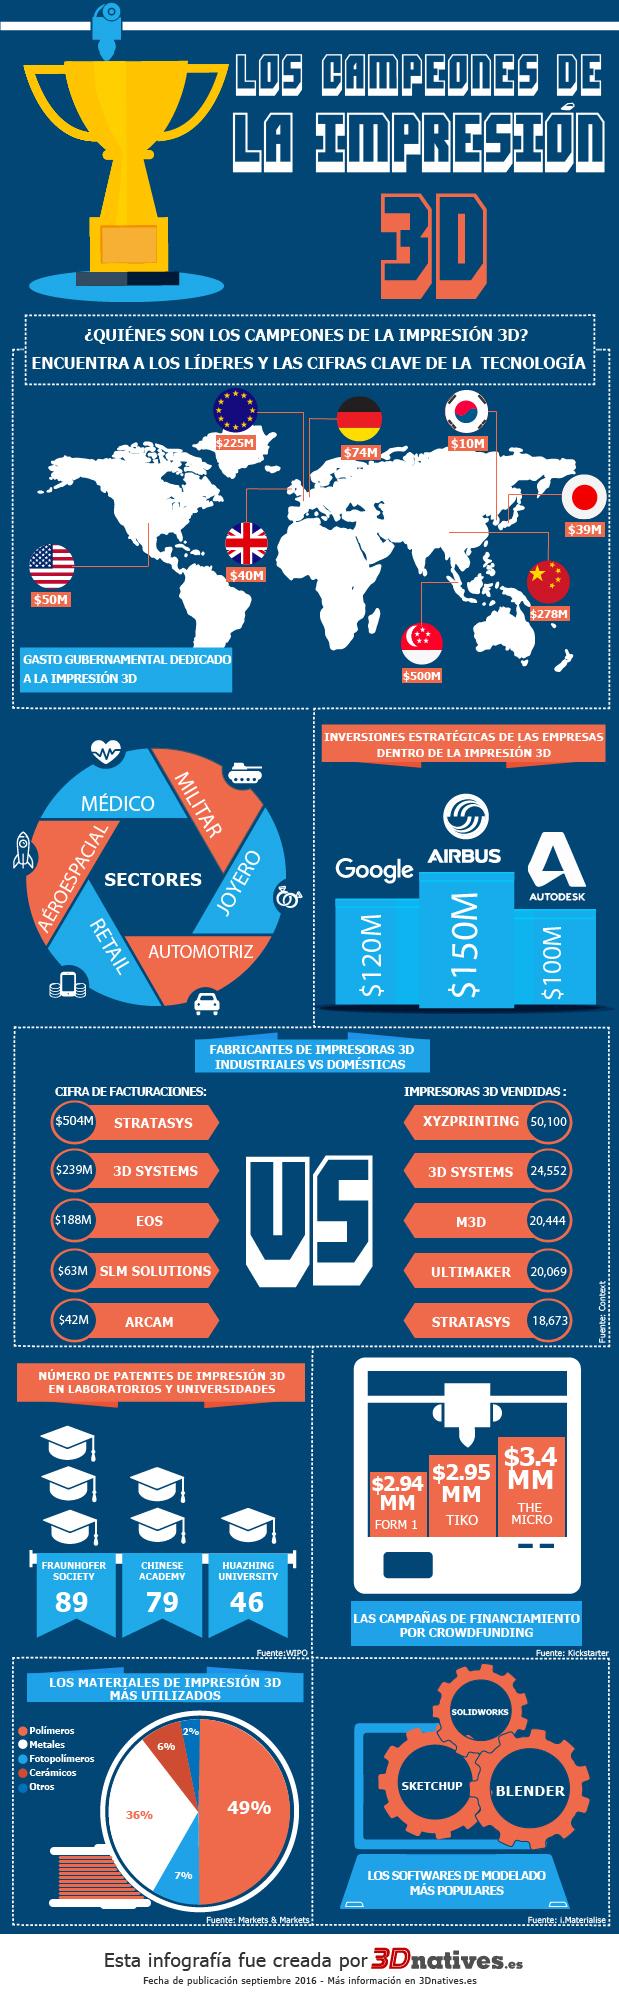 Infograf a los campeones de la impresi n 3d 3dnatives for Infografia 3d